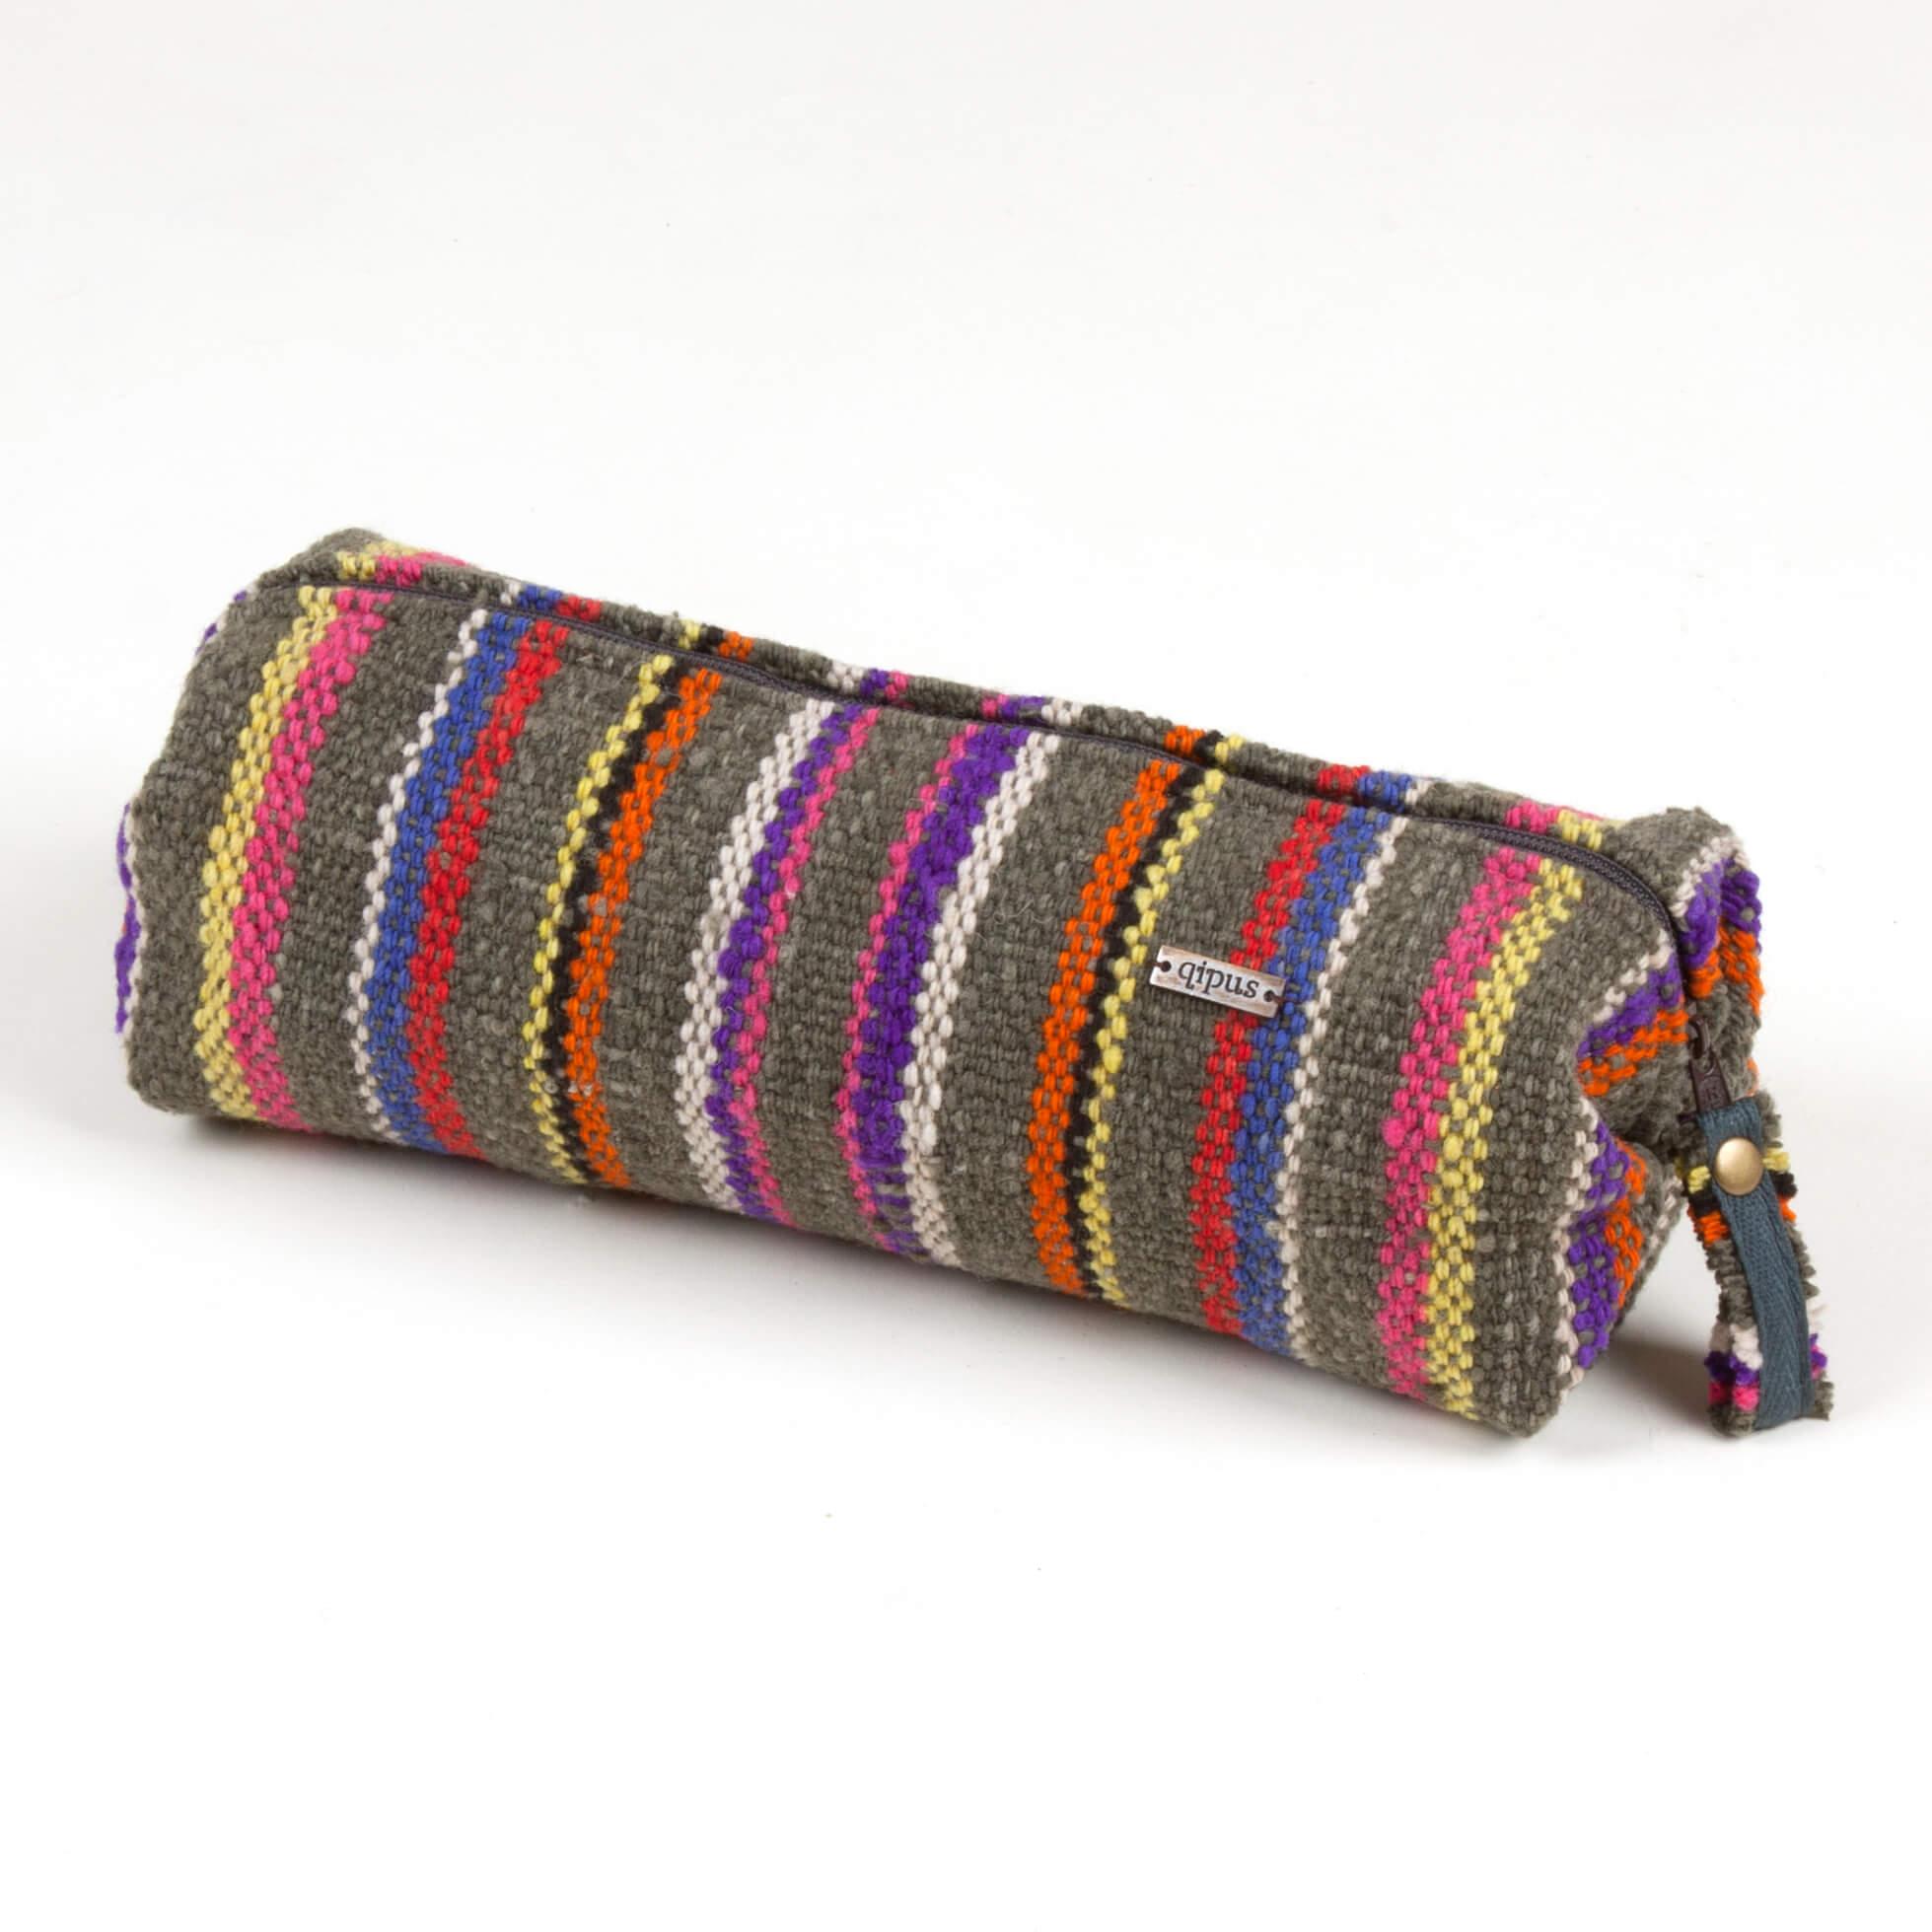 Mäppchen aus Peru